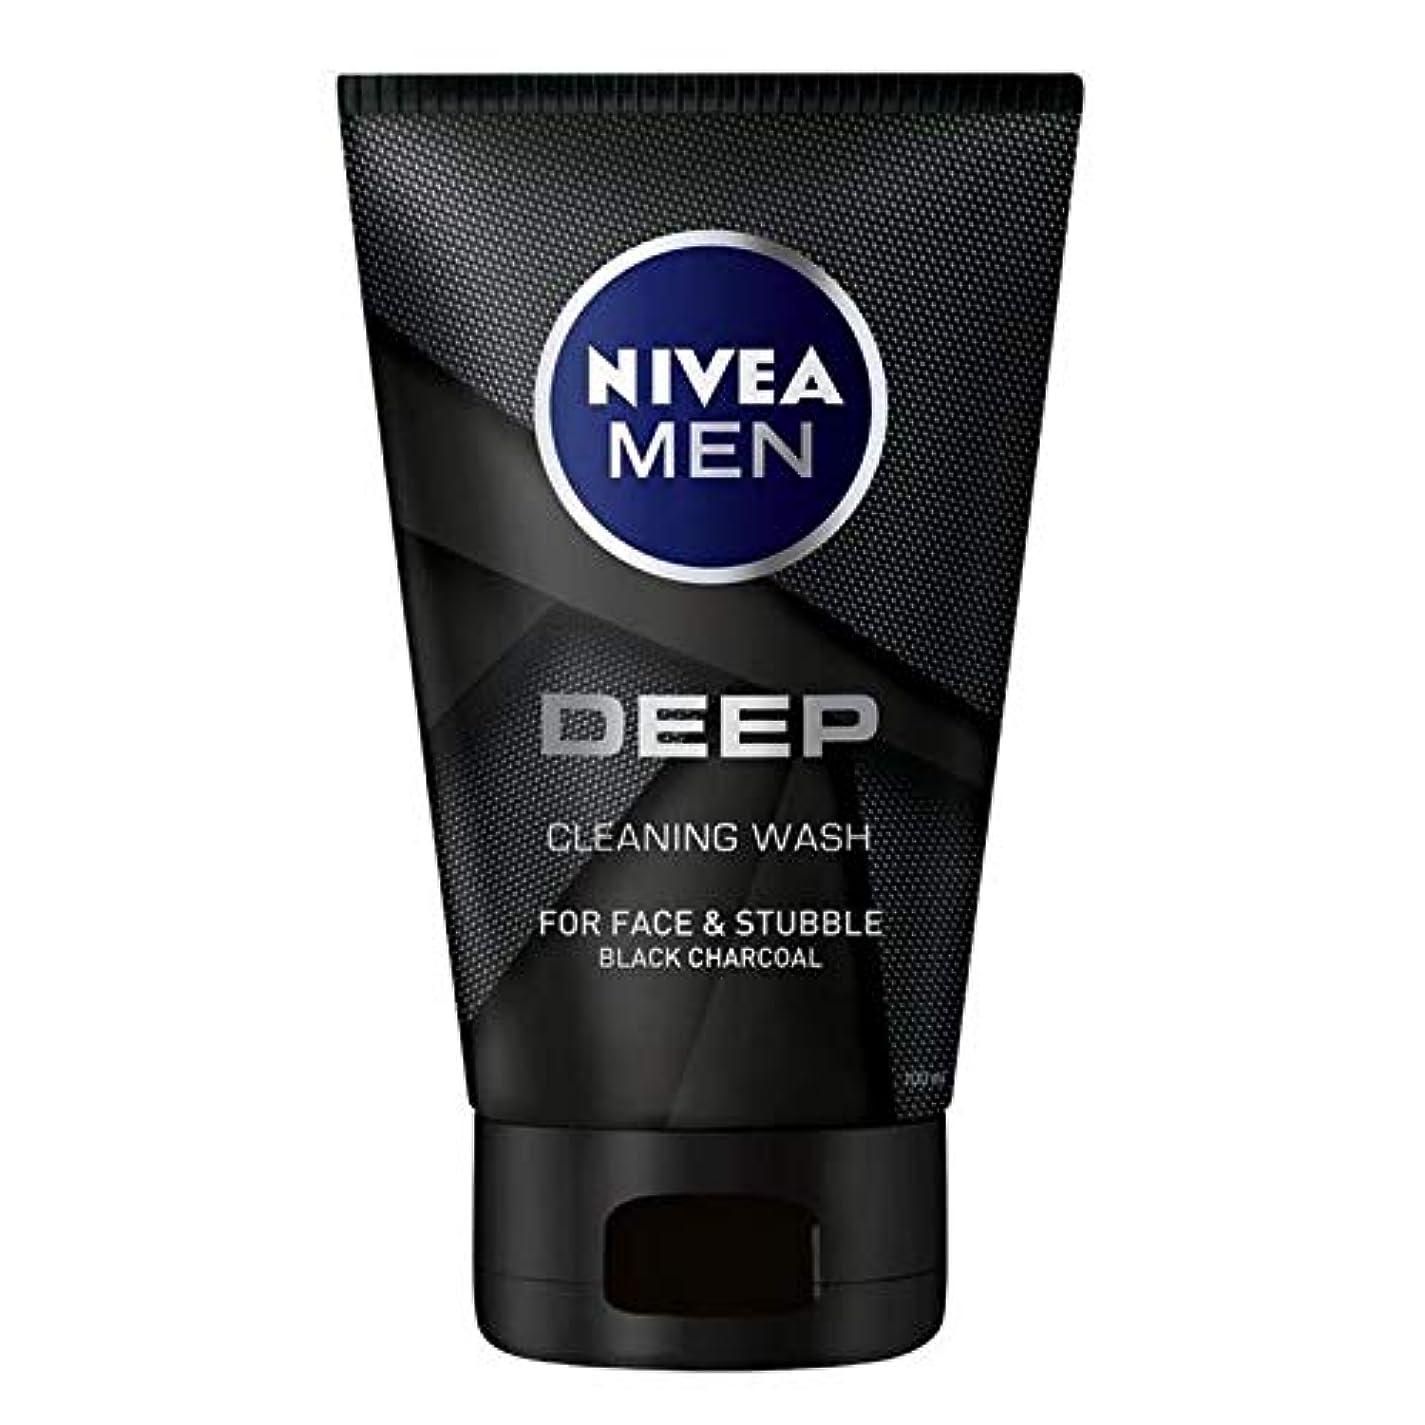 ビートステッチダーリン[Nivea ] ニベア男性深い木炭フェイスウォッシュ100ミリリットル - NIVEA MEN Deep Charcoal Face Wash 100ml [並行輸入品]